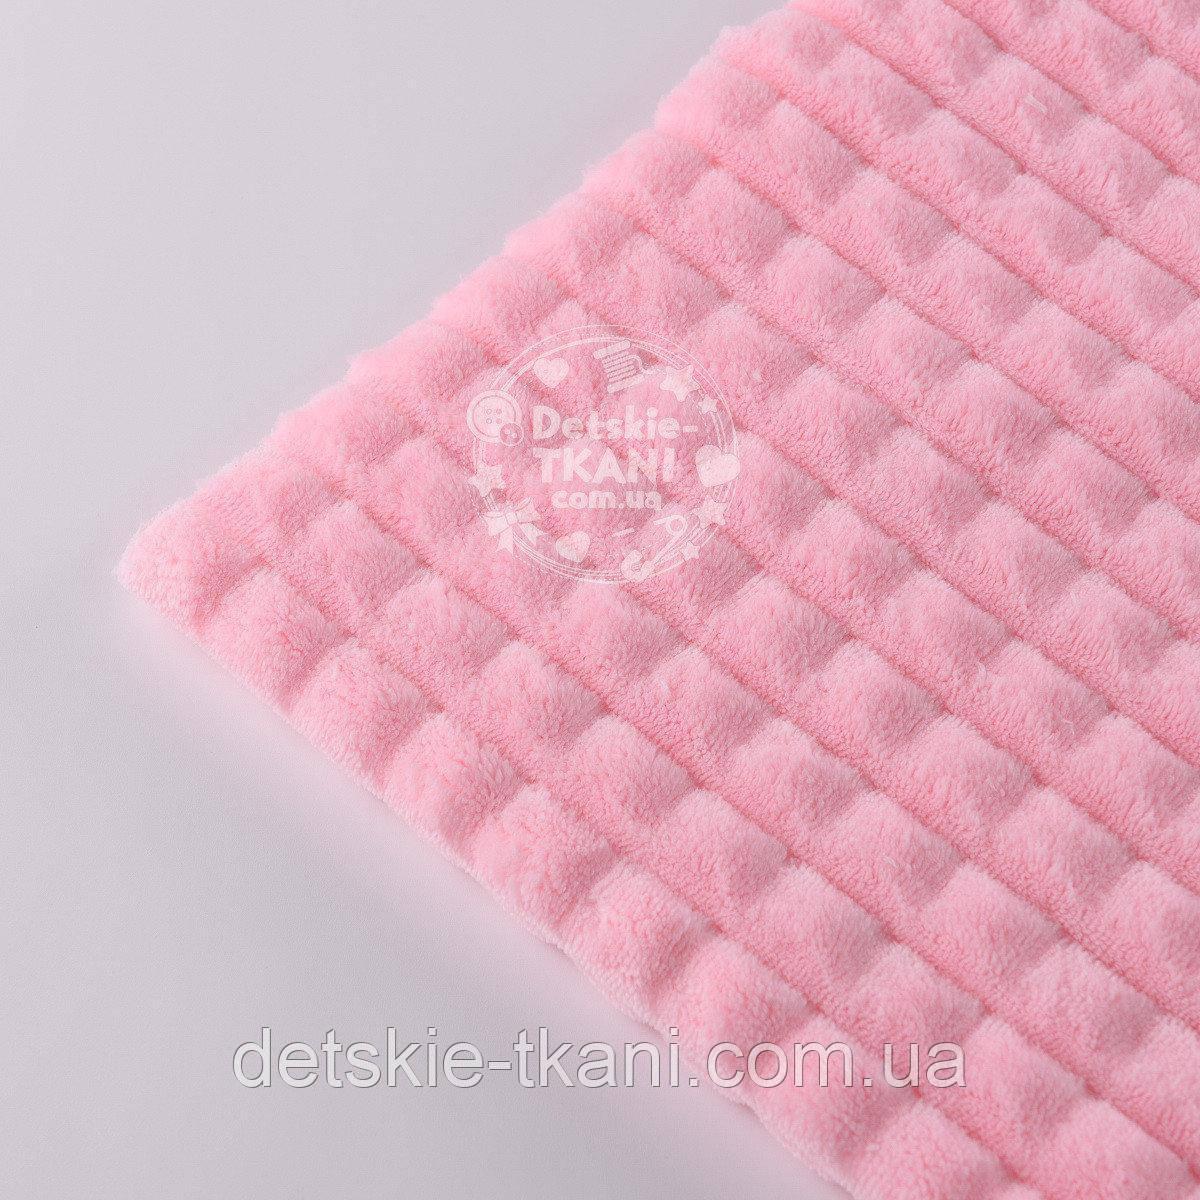 """Лоскут плюша """"Пирамидки"""", цвет розовый (ОМ-56), размер 160*60  см (есть загрязнение)"""